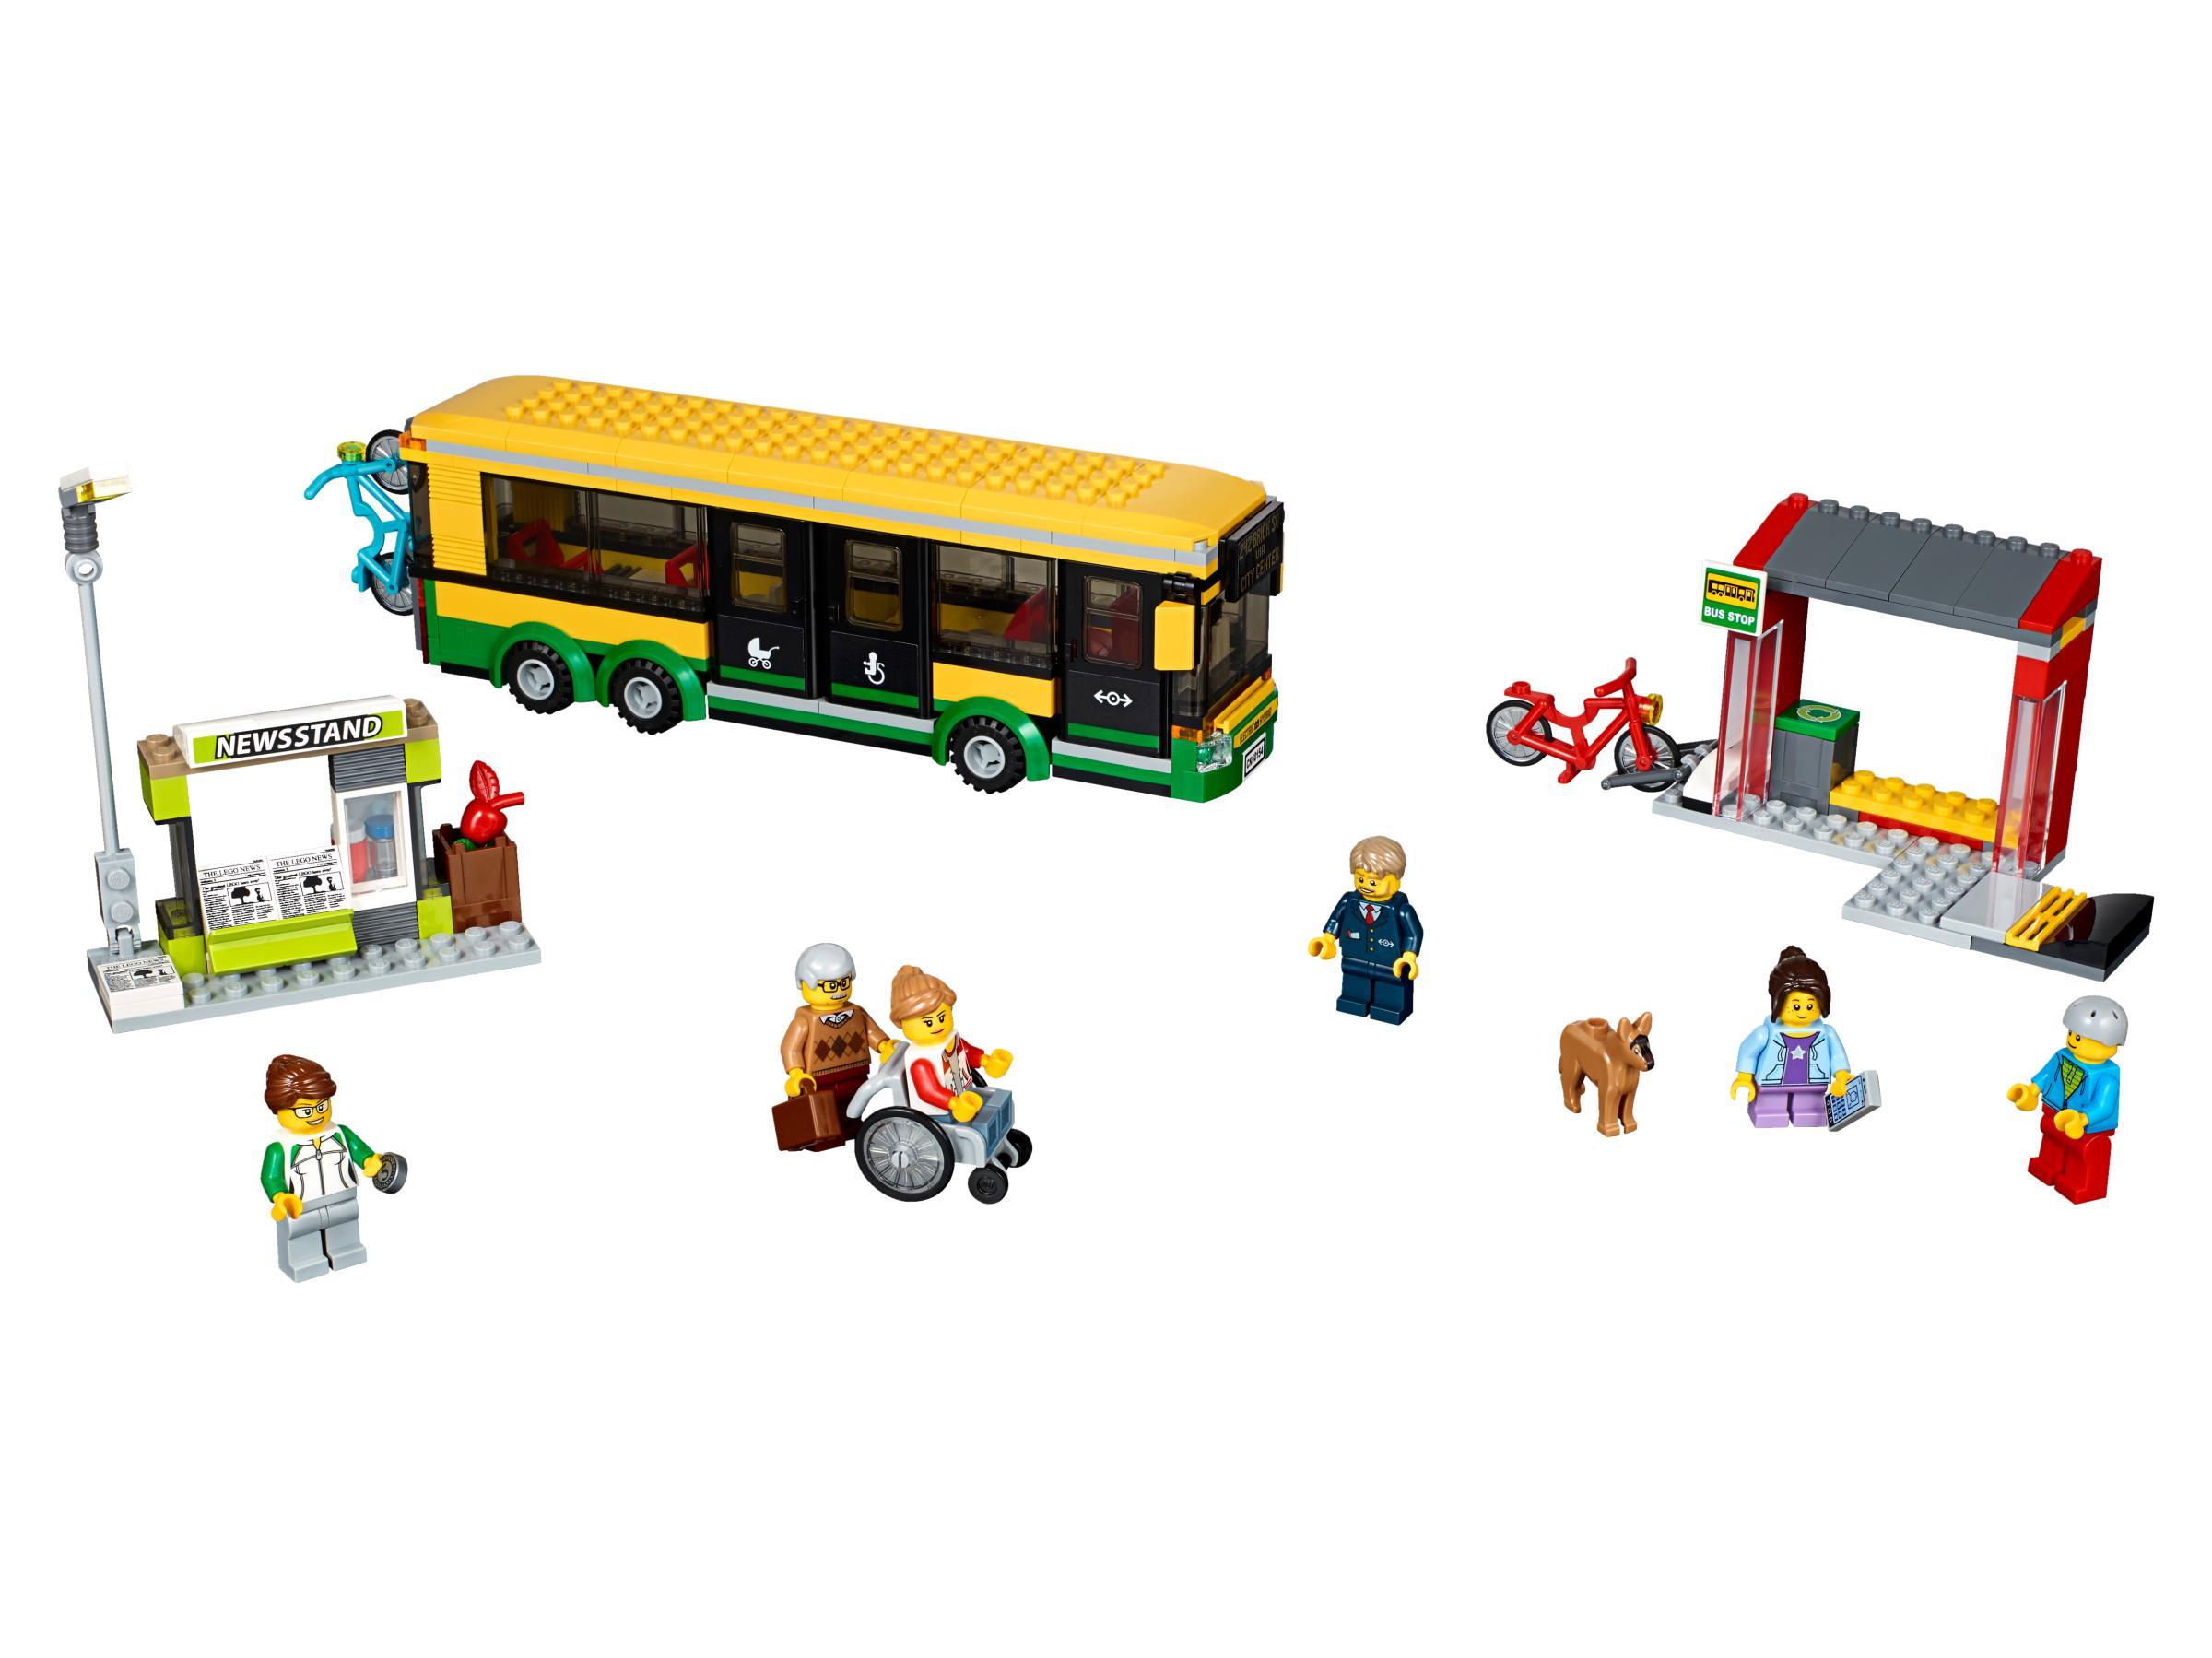 LEGO CITY - Estación de Autobuses, Juguete de Construcción